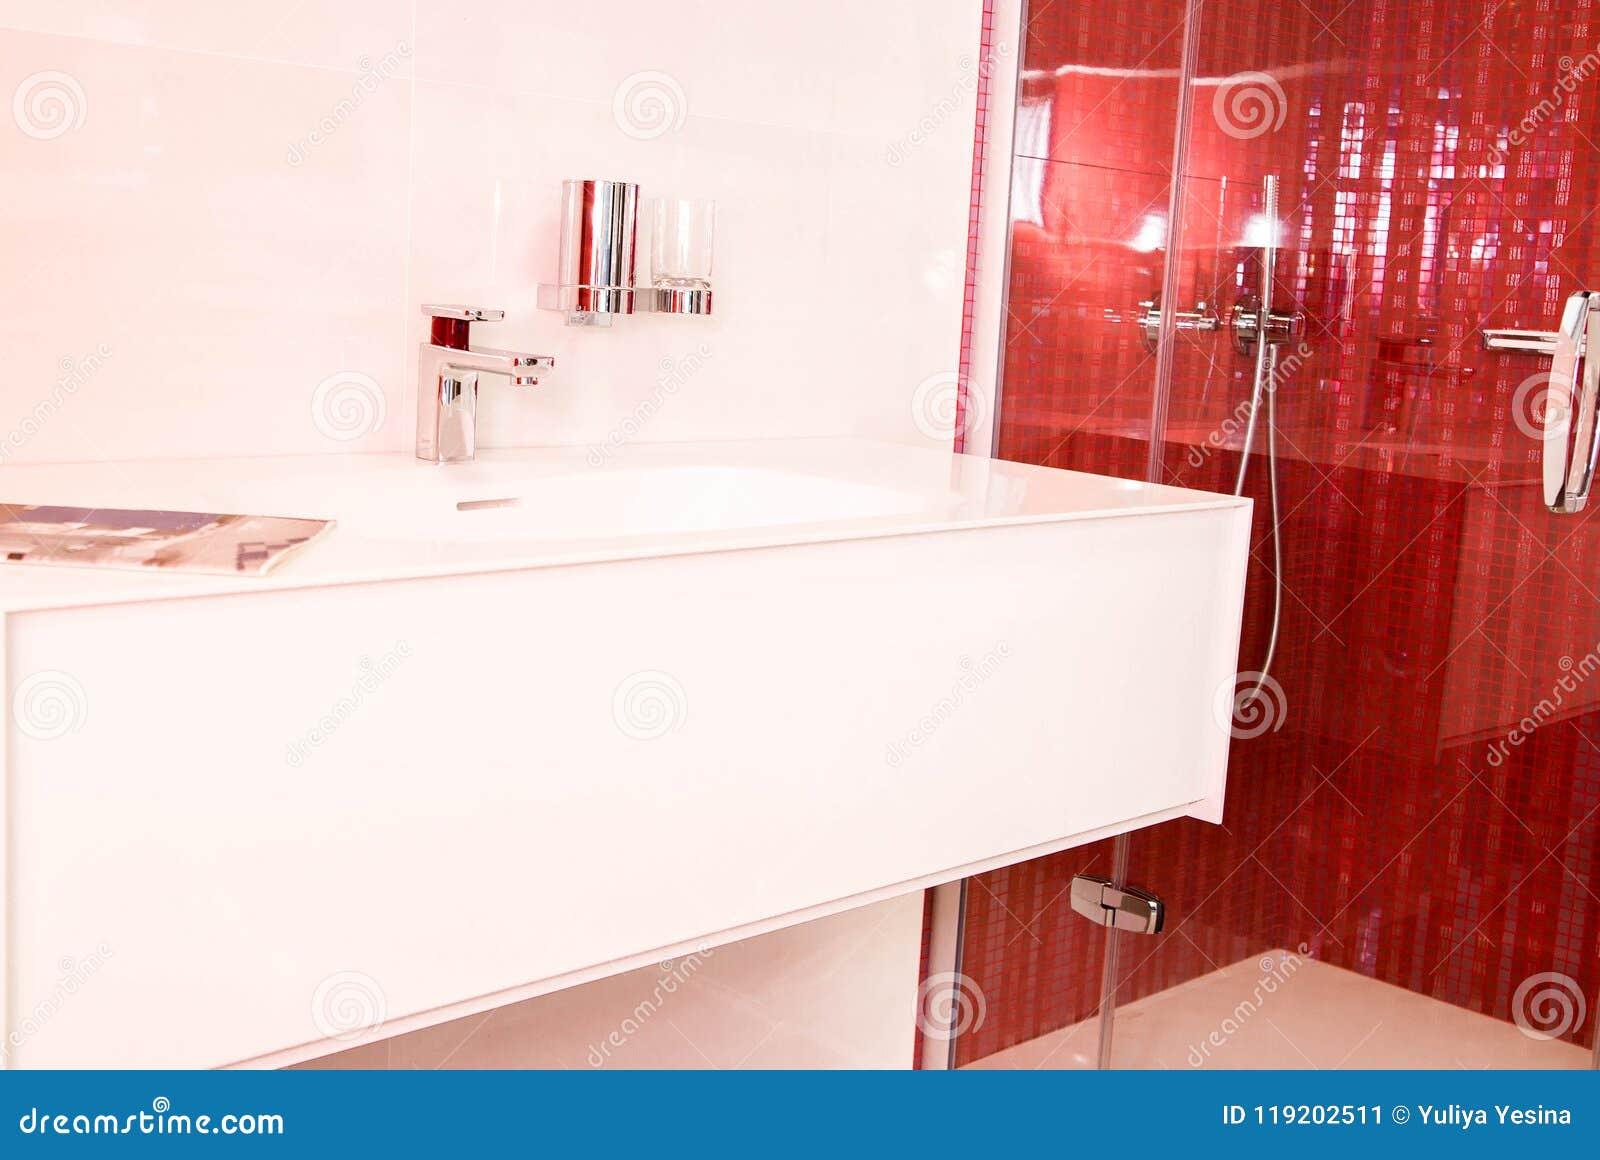 Bagno con le piastrelle di ceramica rosse immagine stock